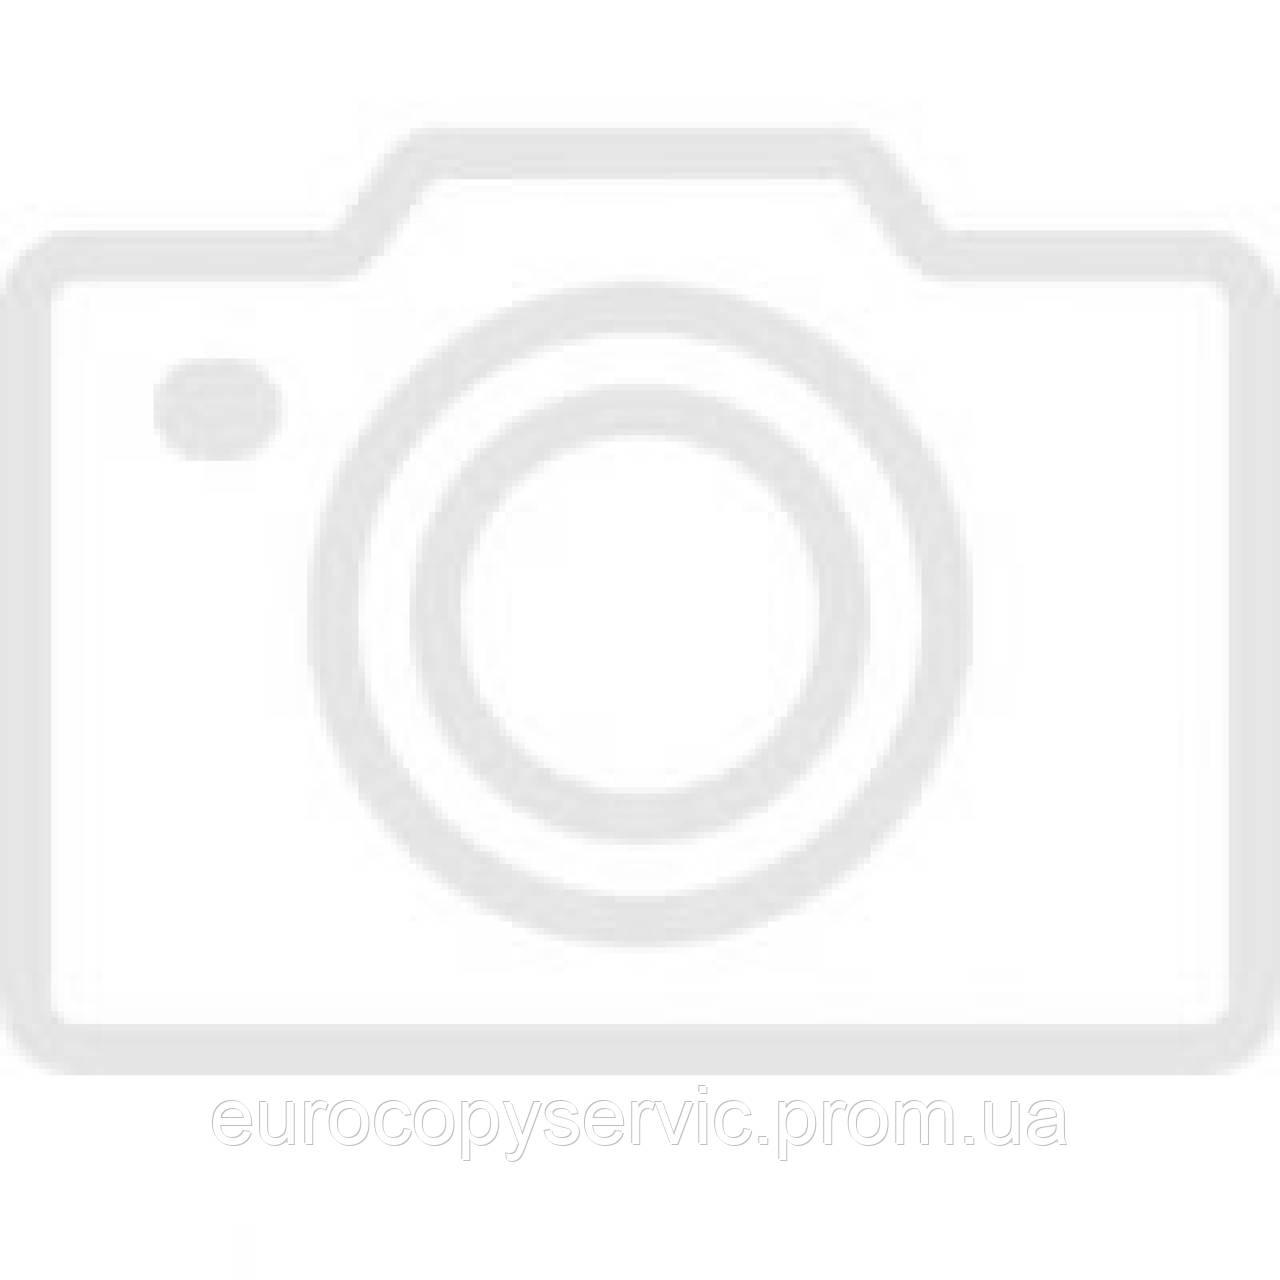 Вузол термозакрепленія в зборі Samsung ML-305х / Phaser 3428 / 3300MFP / SCX-5530FN (JC96-04389B)